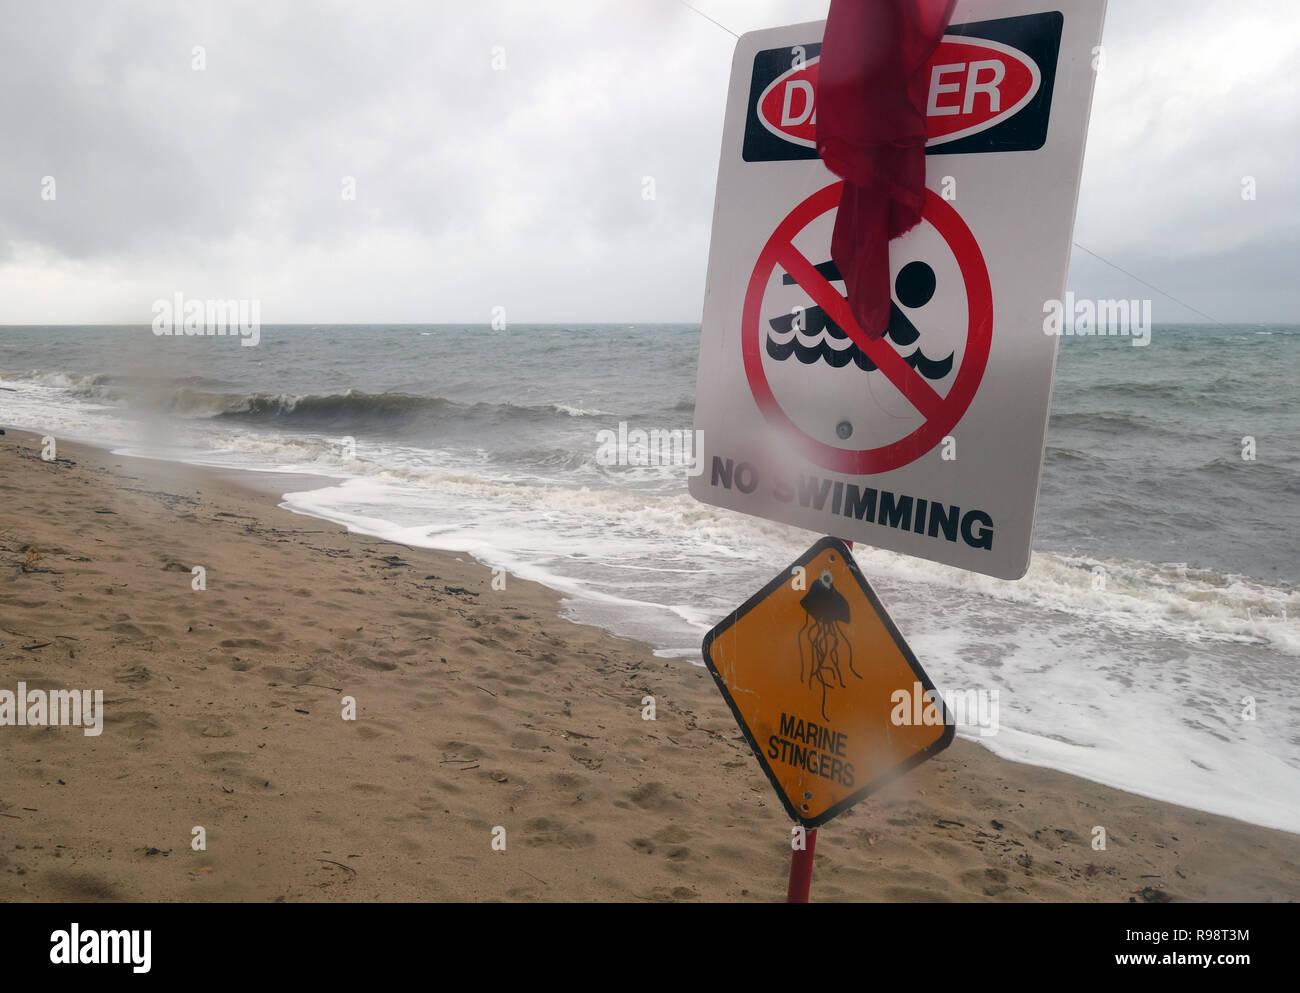 Clima salvaje y aguijones playas cercanas a nadar, Holloways Beach, Cairns, Queensland, Australia. No hay PR Imagen De Stock